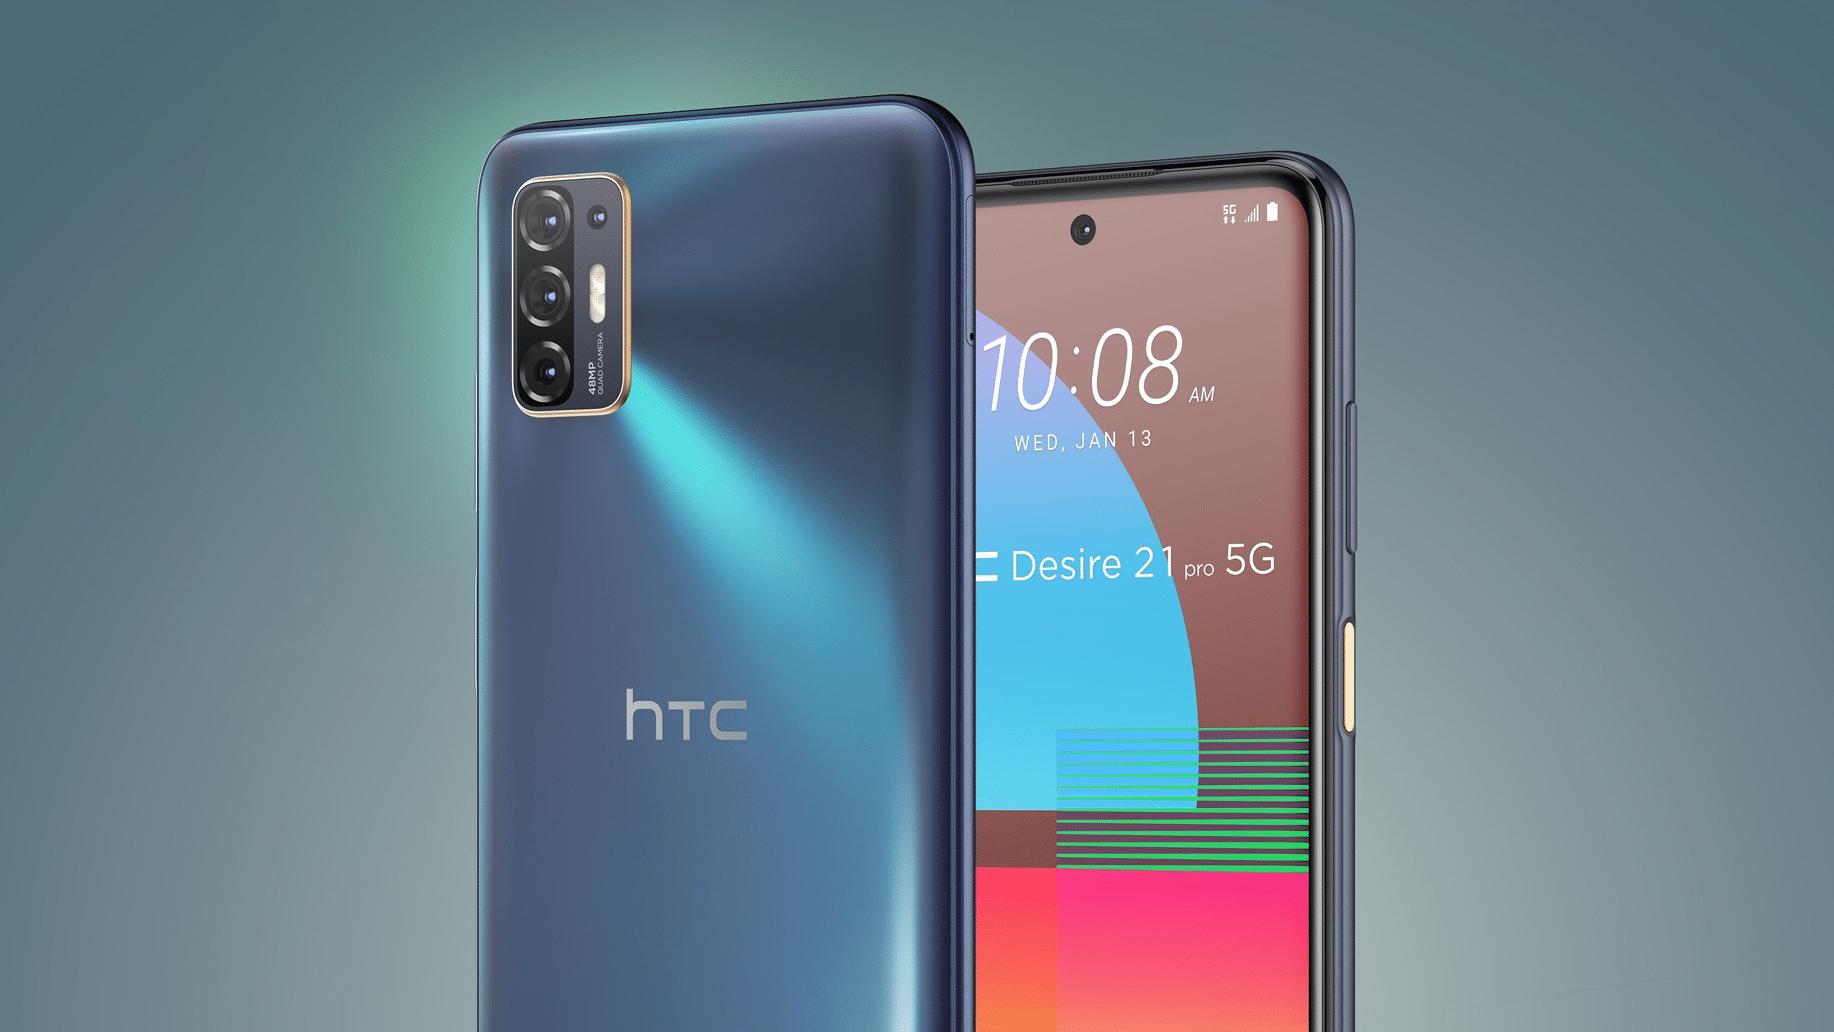 HTC unveils Desire 21 Pro 5G smartphone TechRechard